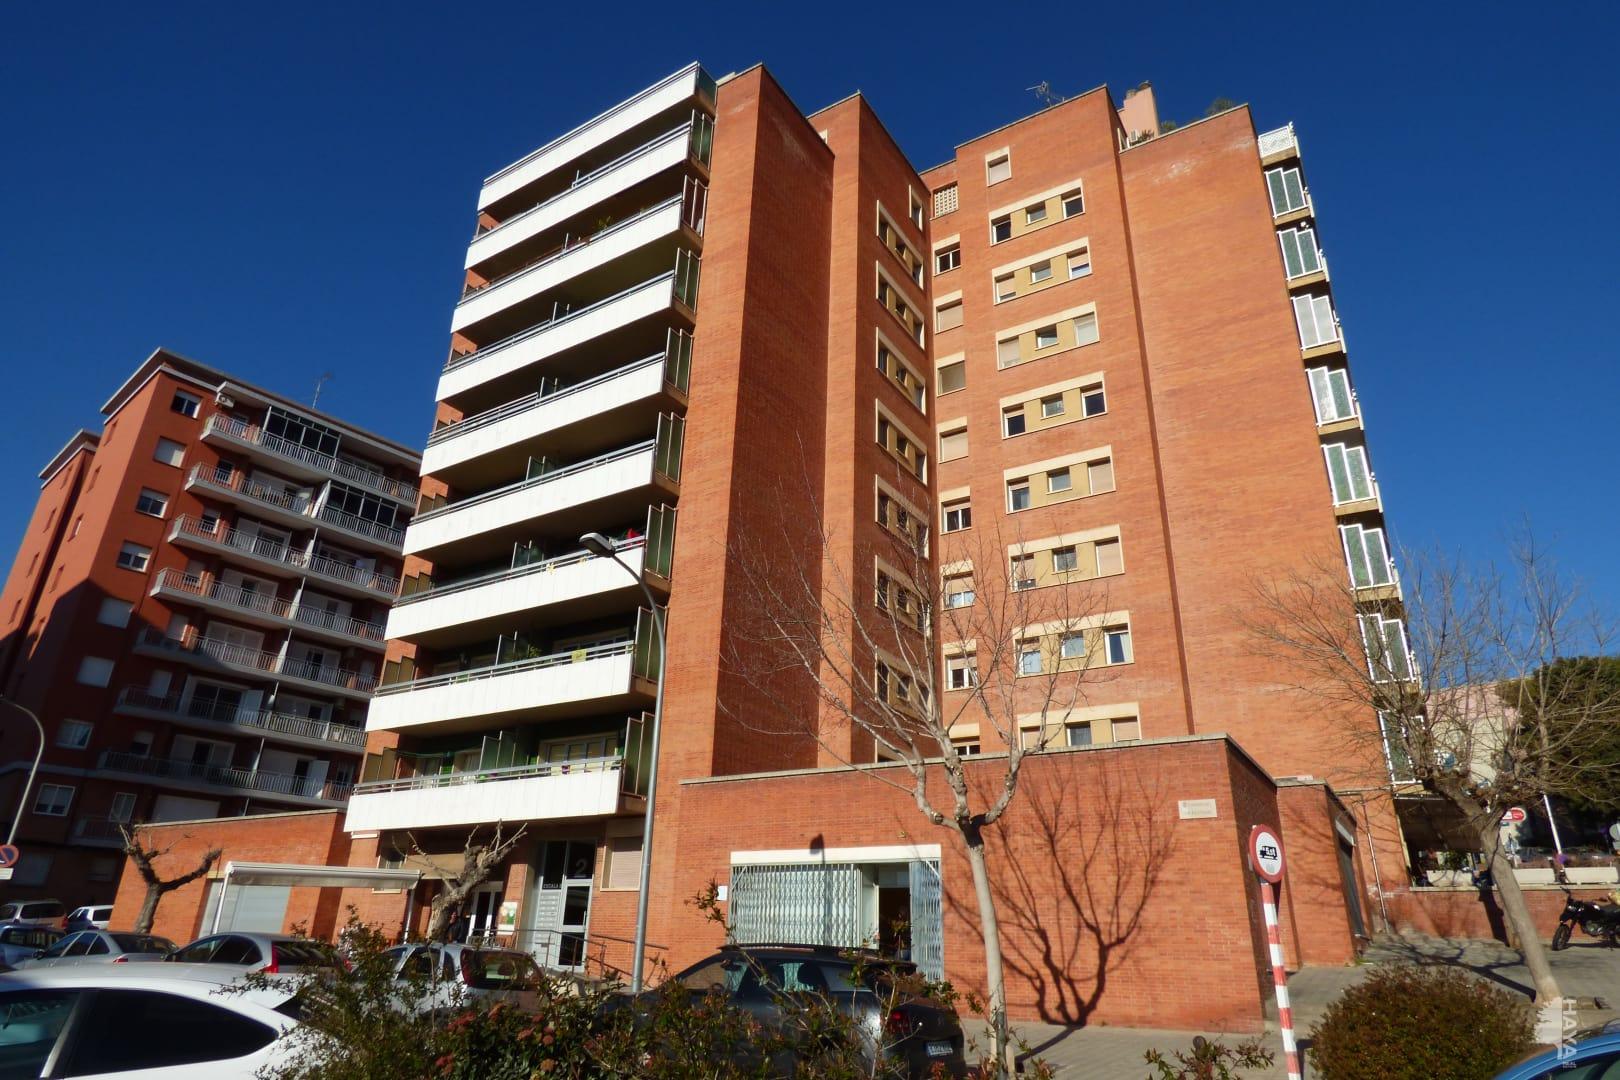 Piso en venta en Figueres, Girona, Calle Doctor Pasteur, 135.900 €, 4 habitaciones, 1 baño, 112 m2